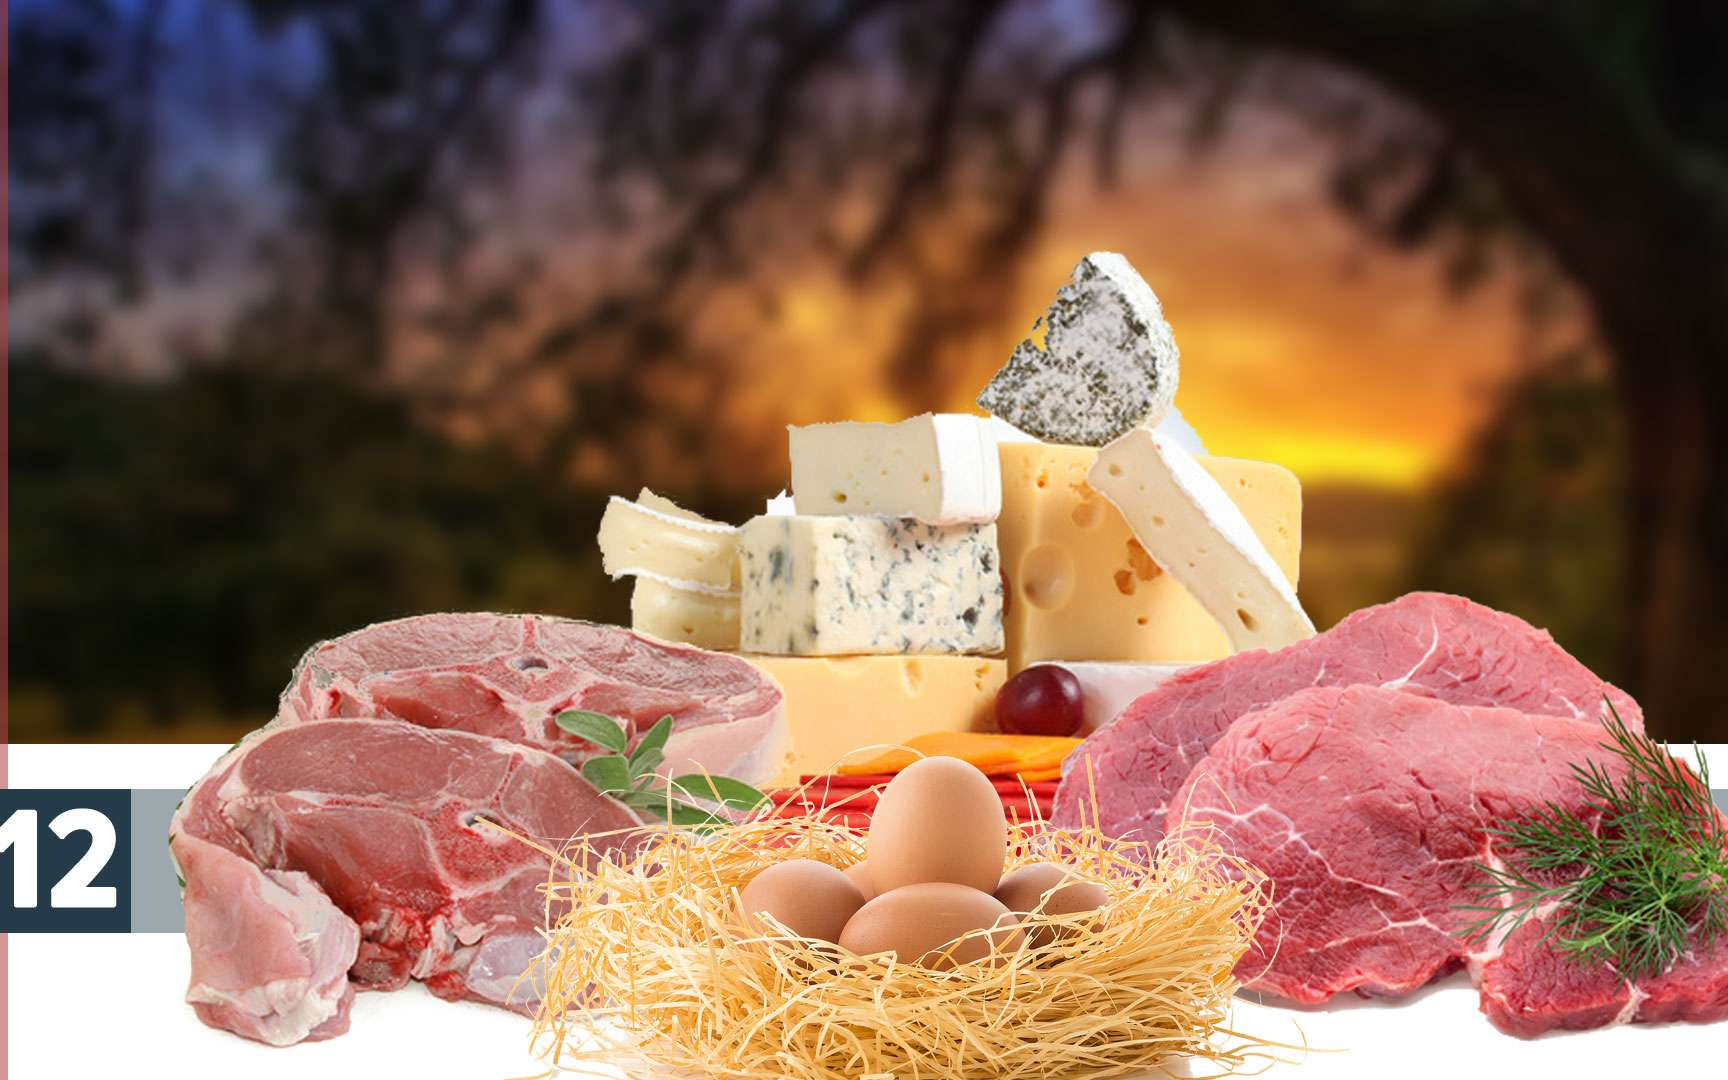 Oeufs, fromages sont une bonne source de vitamine B12. © Fotolia